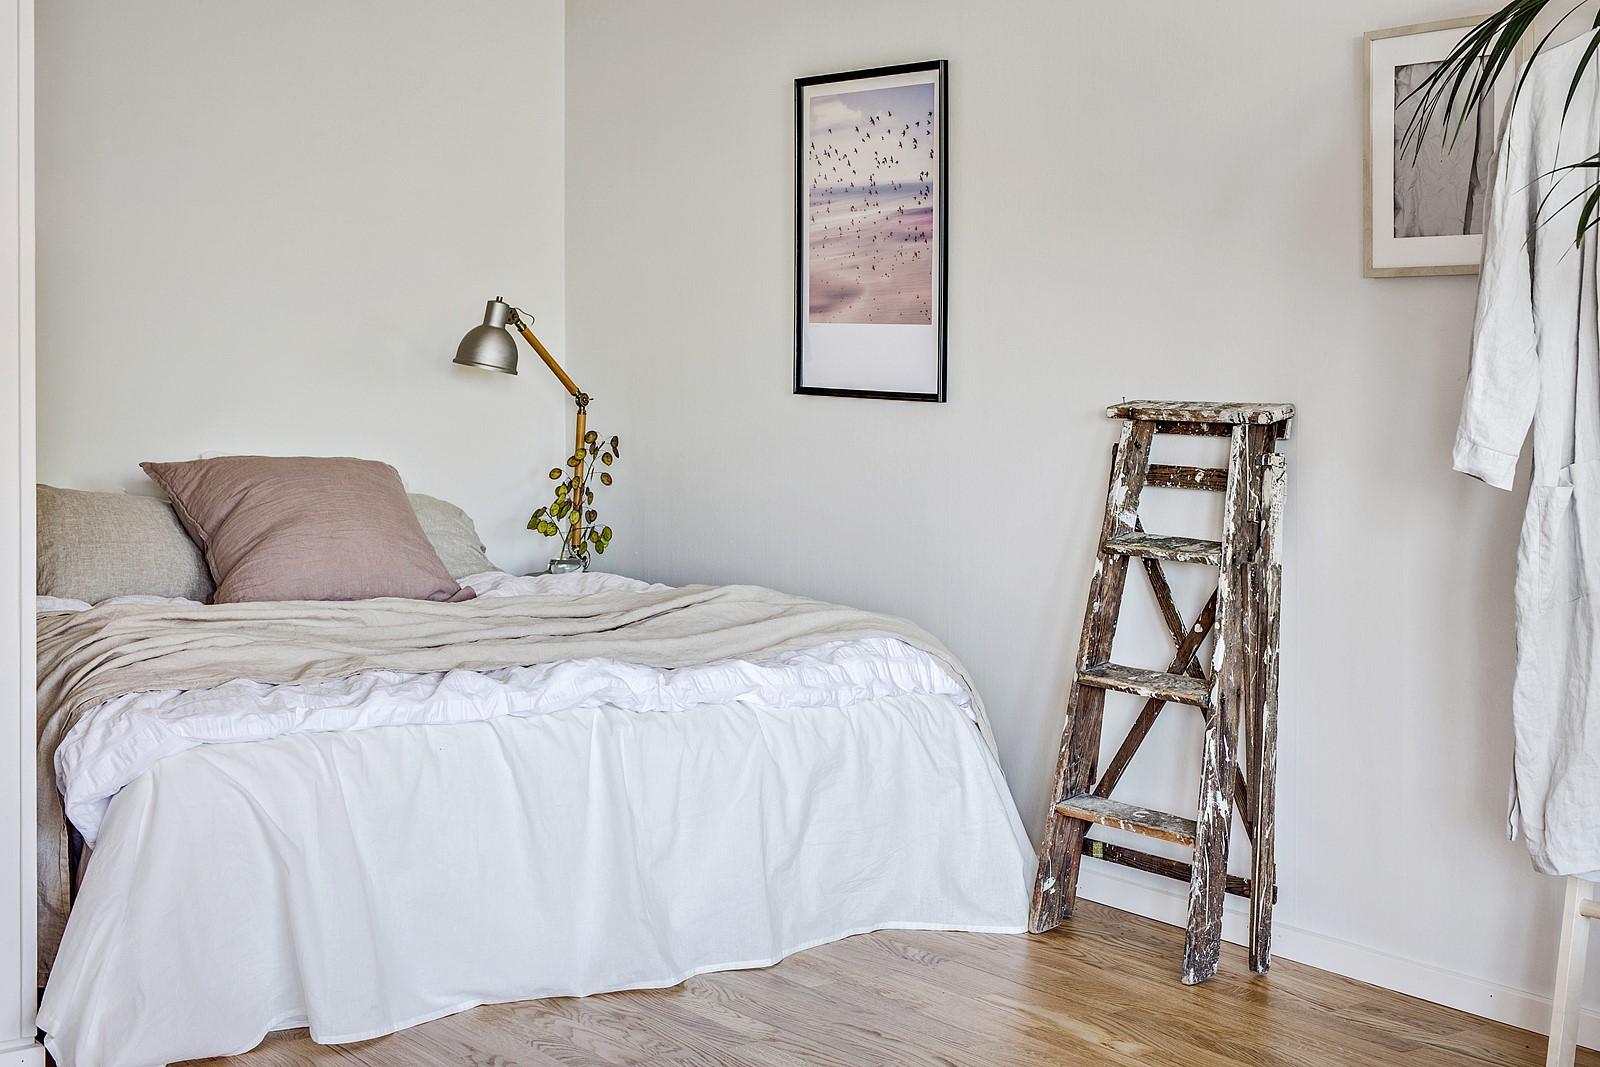 Sovalkovet kan med enkla medel avskärmas mot resterande del av rummet